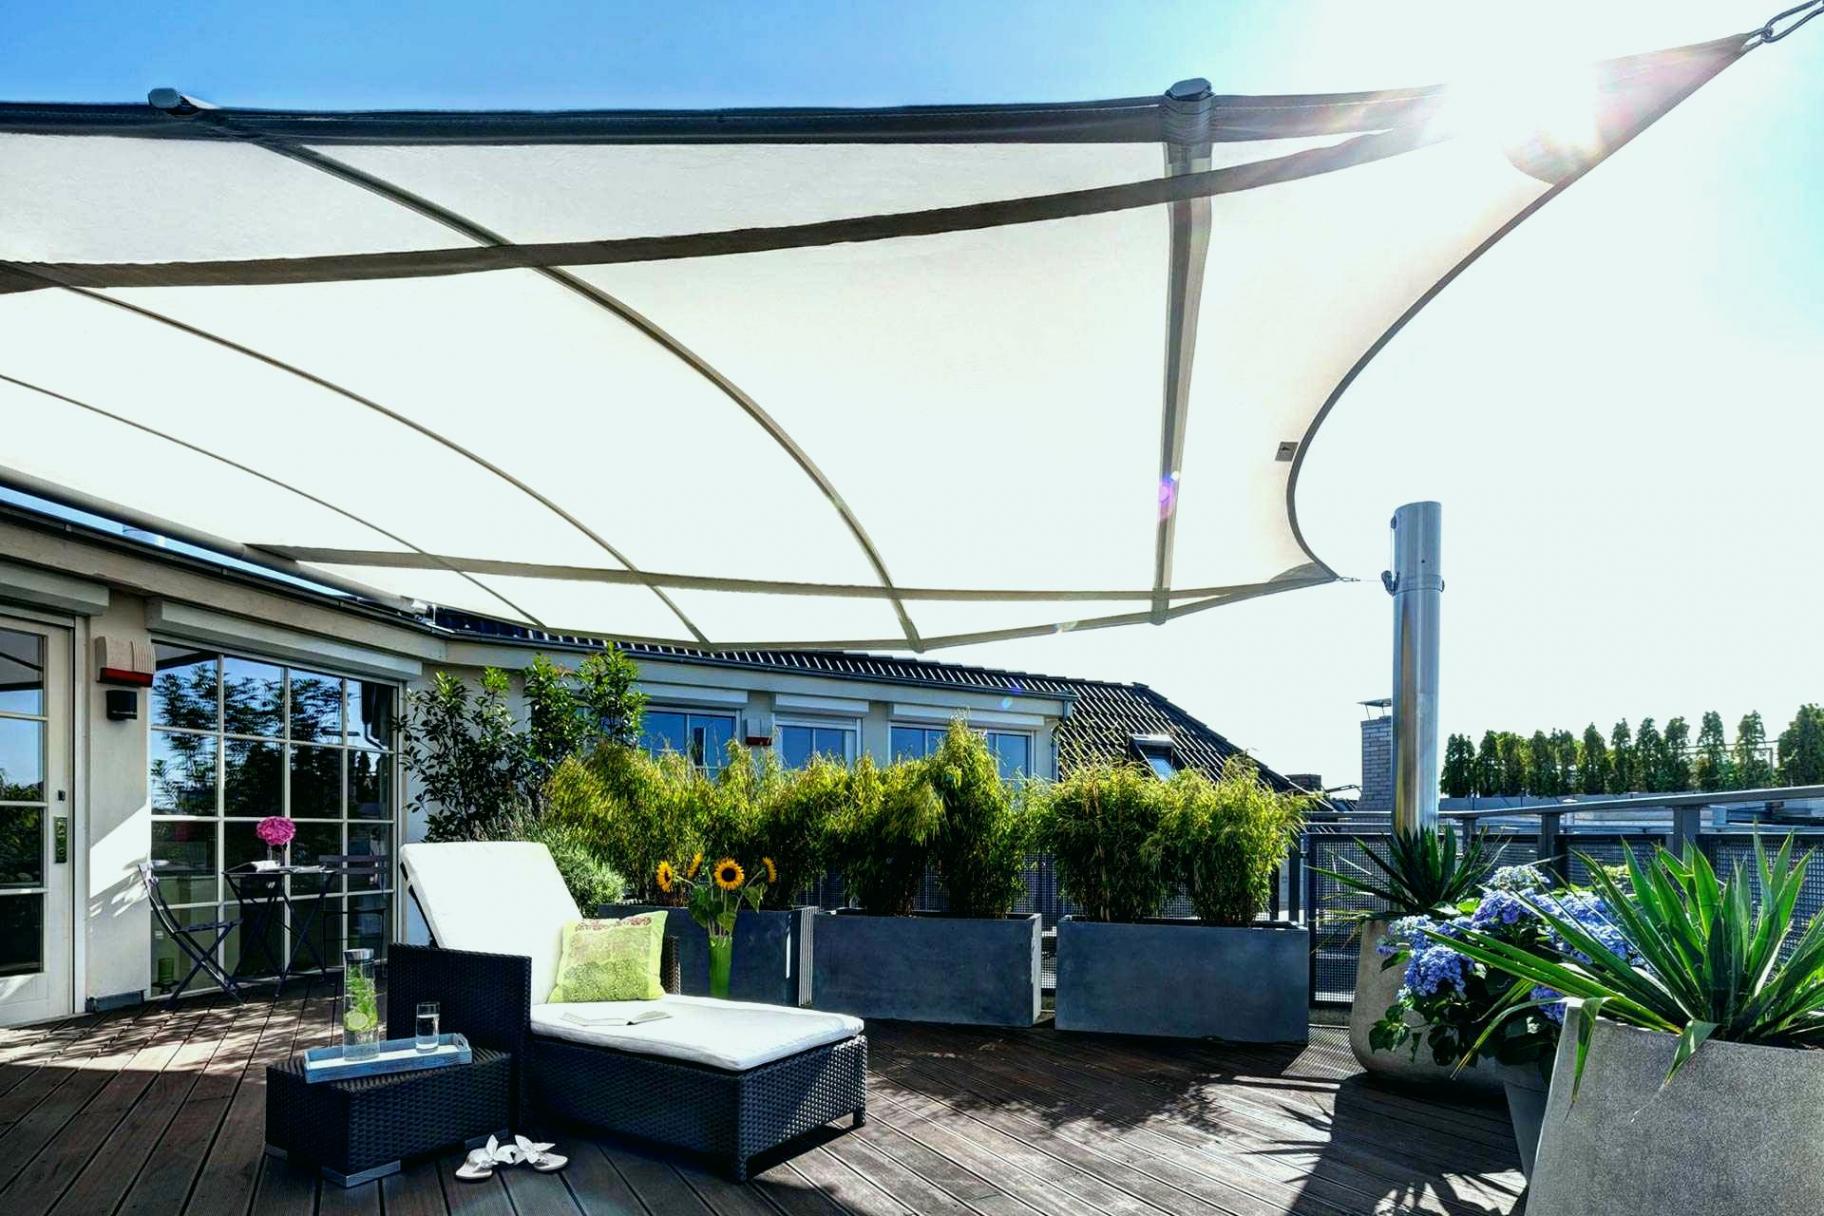 terrassen ideen besten pergola bois terrasse frais sonnensegel sonnenschutz balkon ideen sonnenschutz balkon ideen